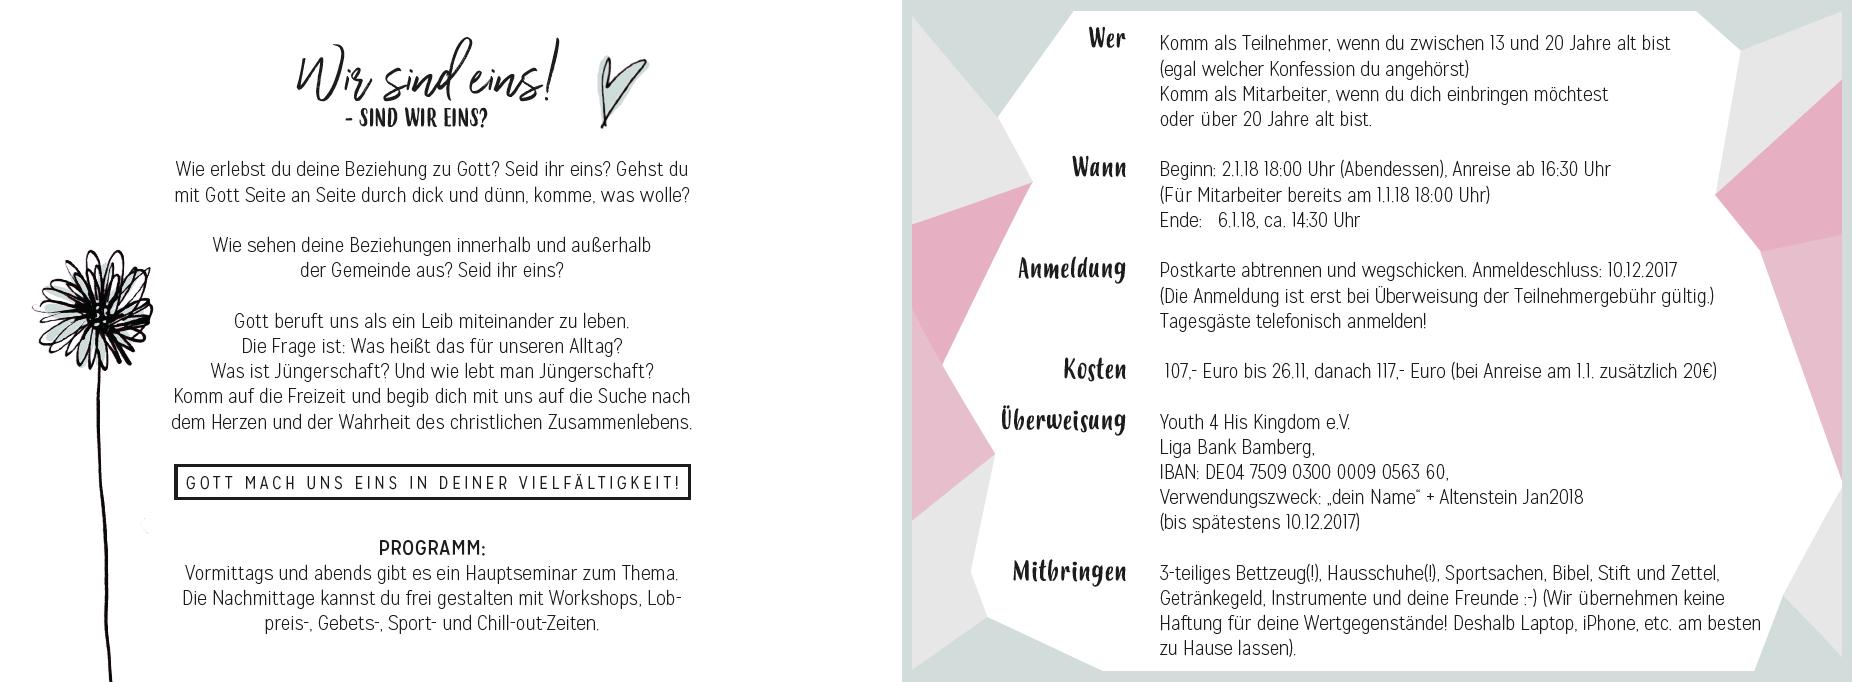 2017-12-22 13_21_29-Altenstein Flyer 2018[5466].pdf - Adobe Acrobat Pro.png